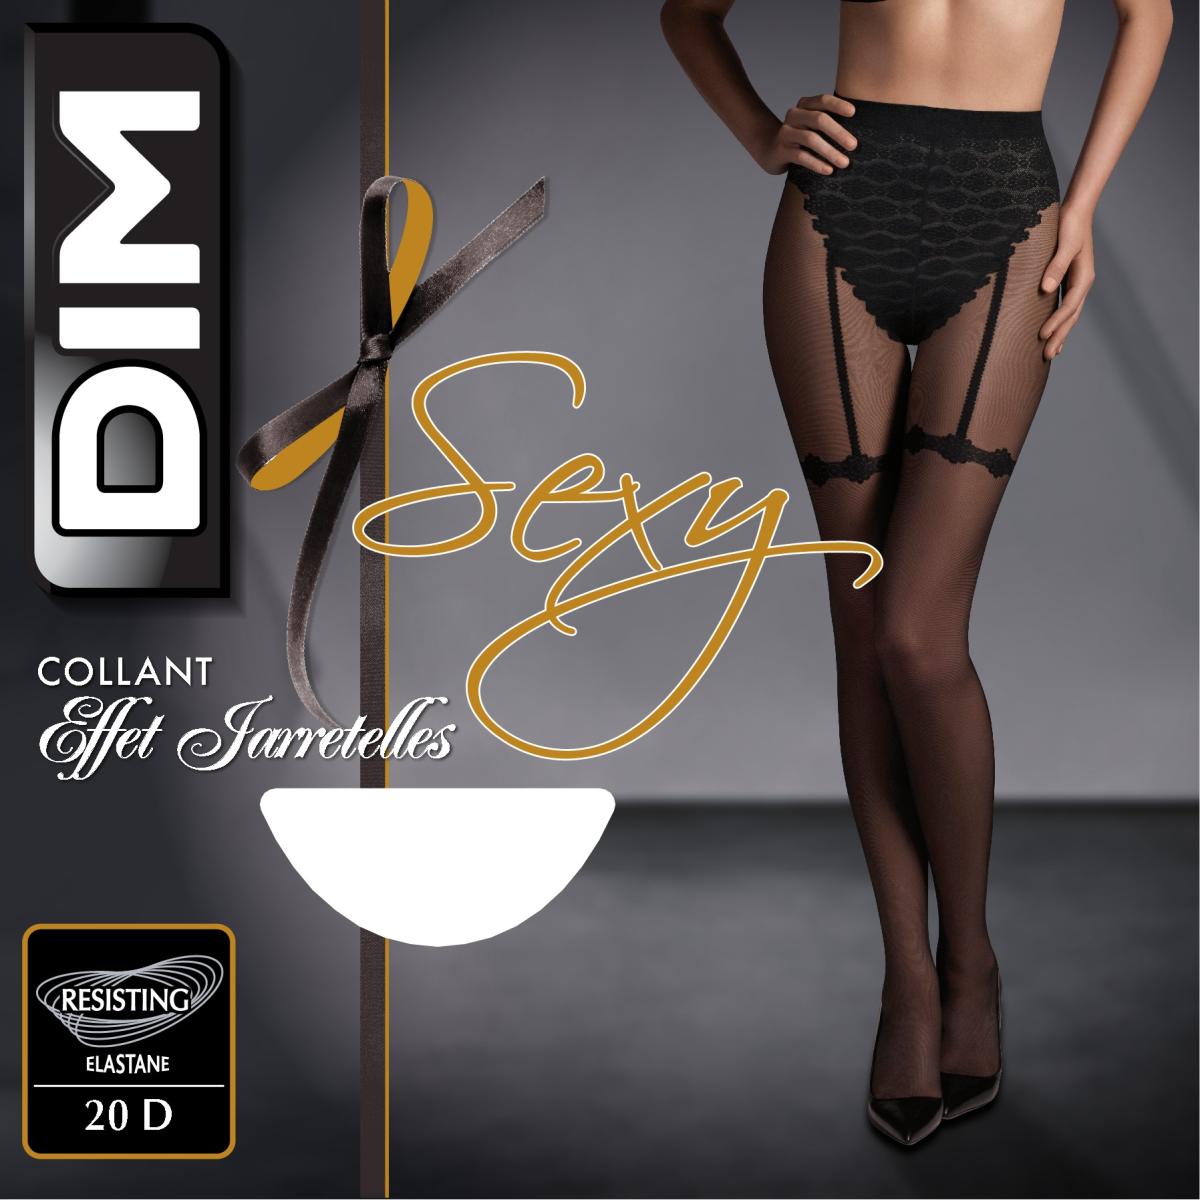 Collant So Sexy effet jarretelles noir 20D 6211eb85327